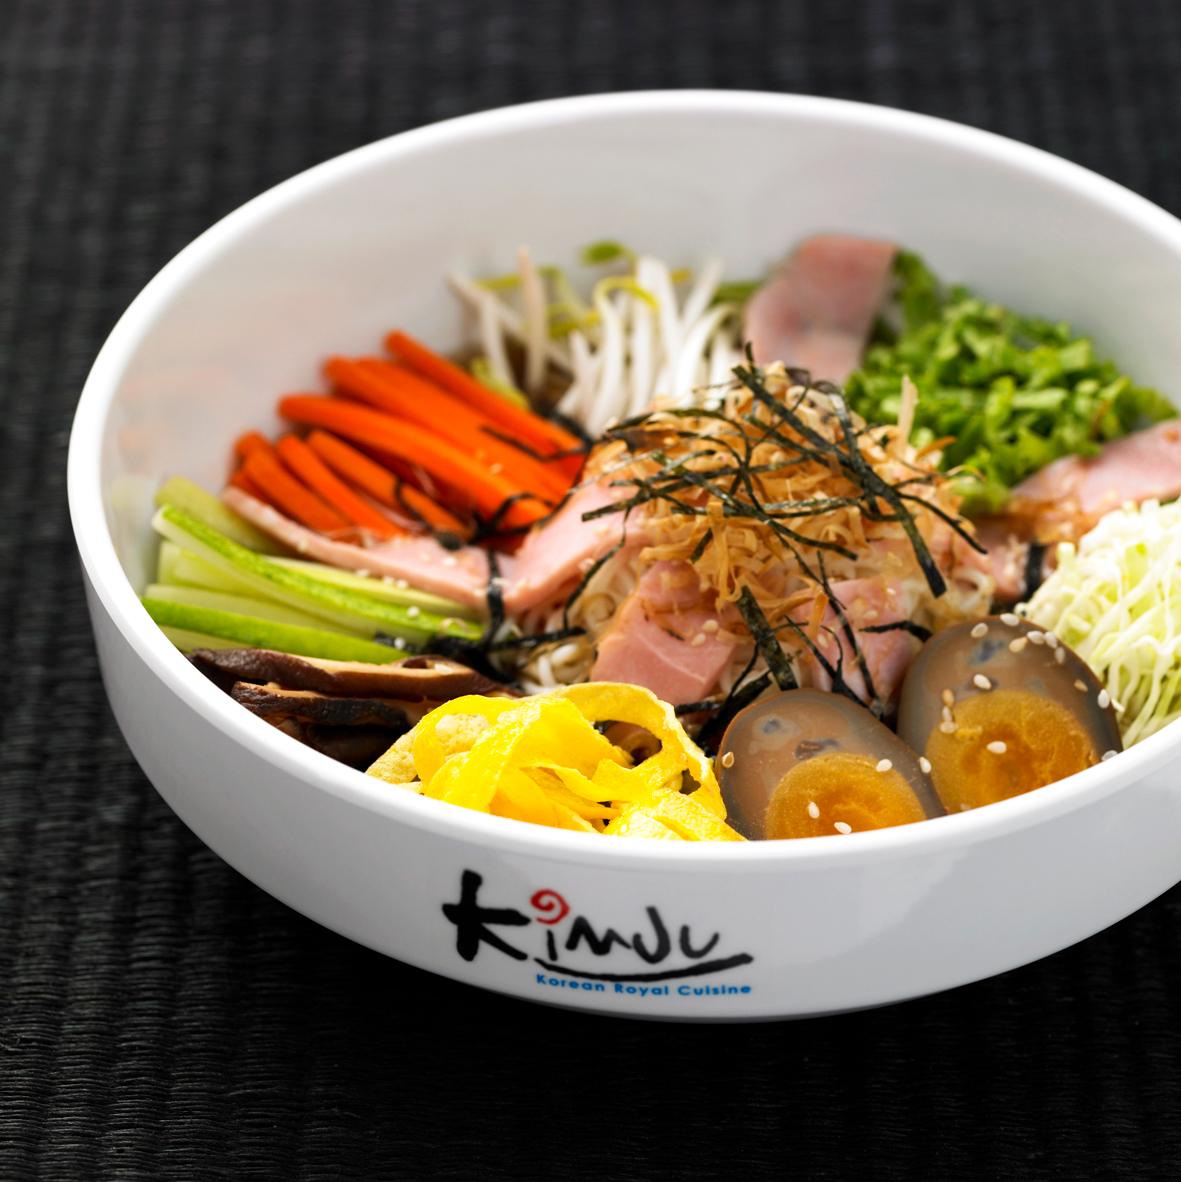 kimju-081.jpg